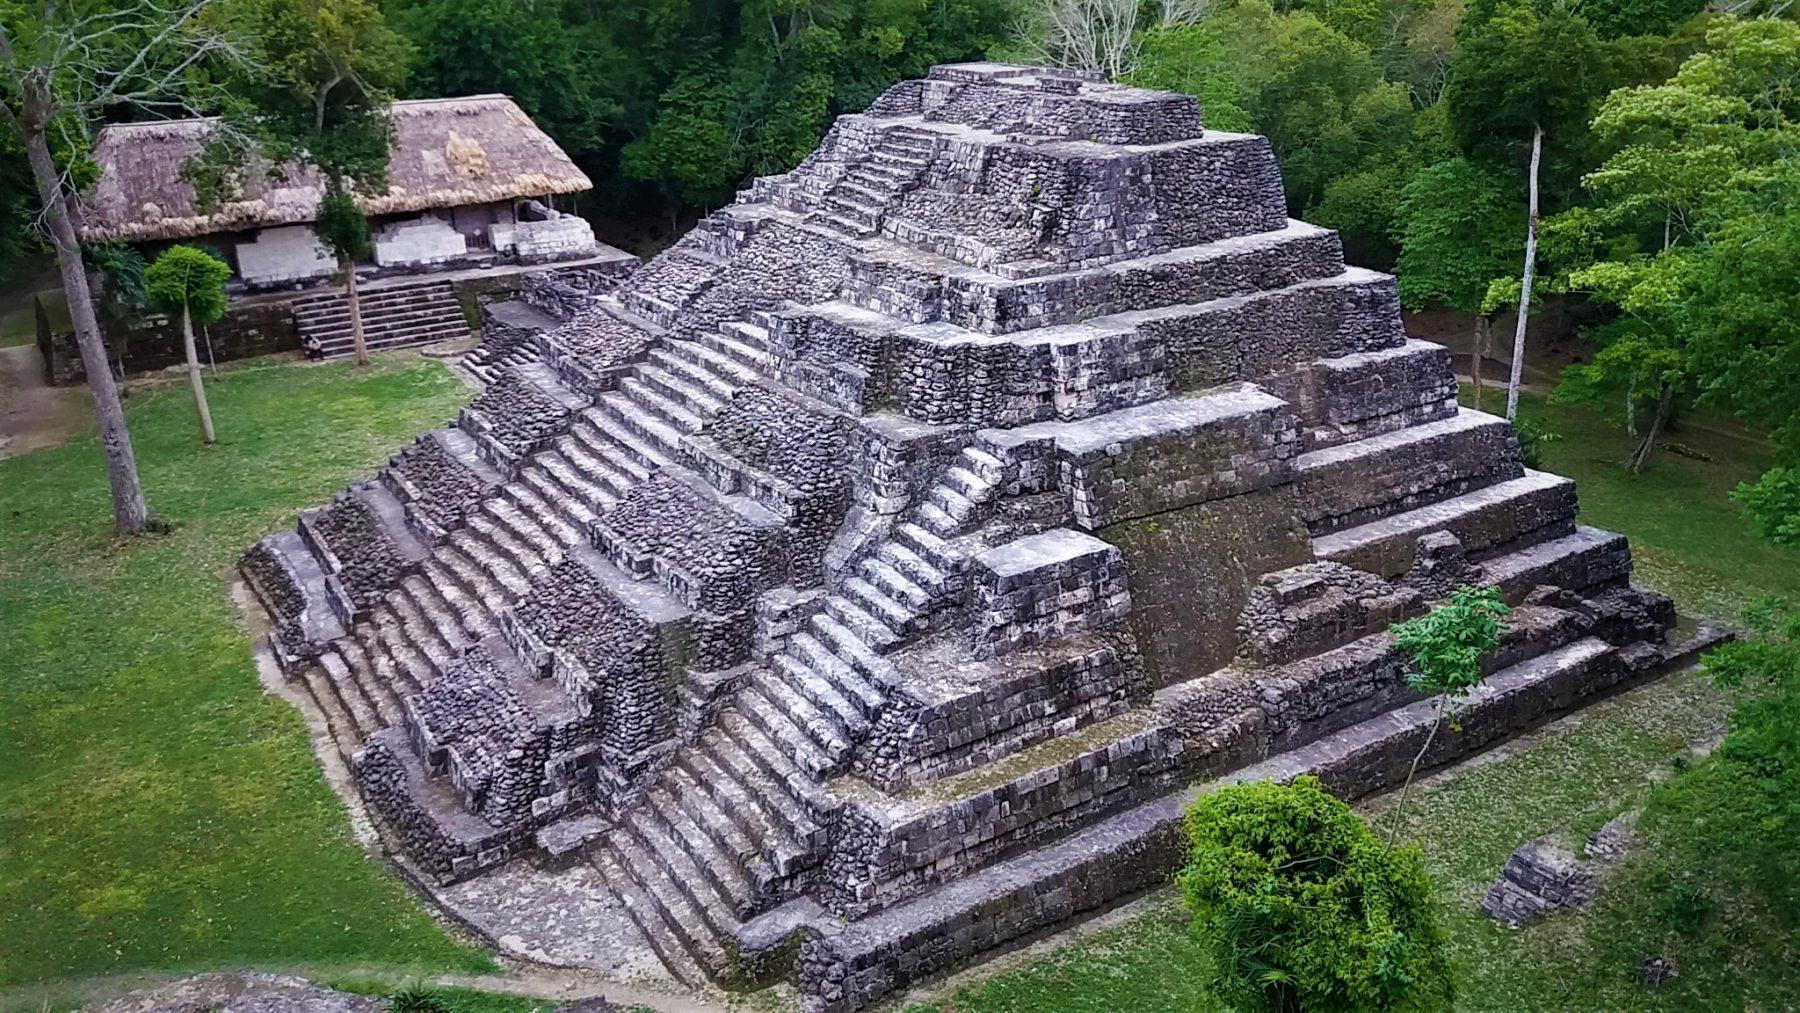 GUATEMALA: Ruinas Mayas De Yaxhá Y Tikal (12 De Junio De 2017)